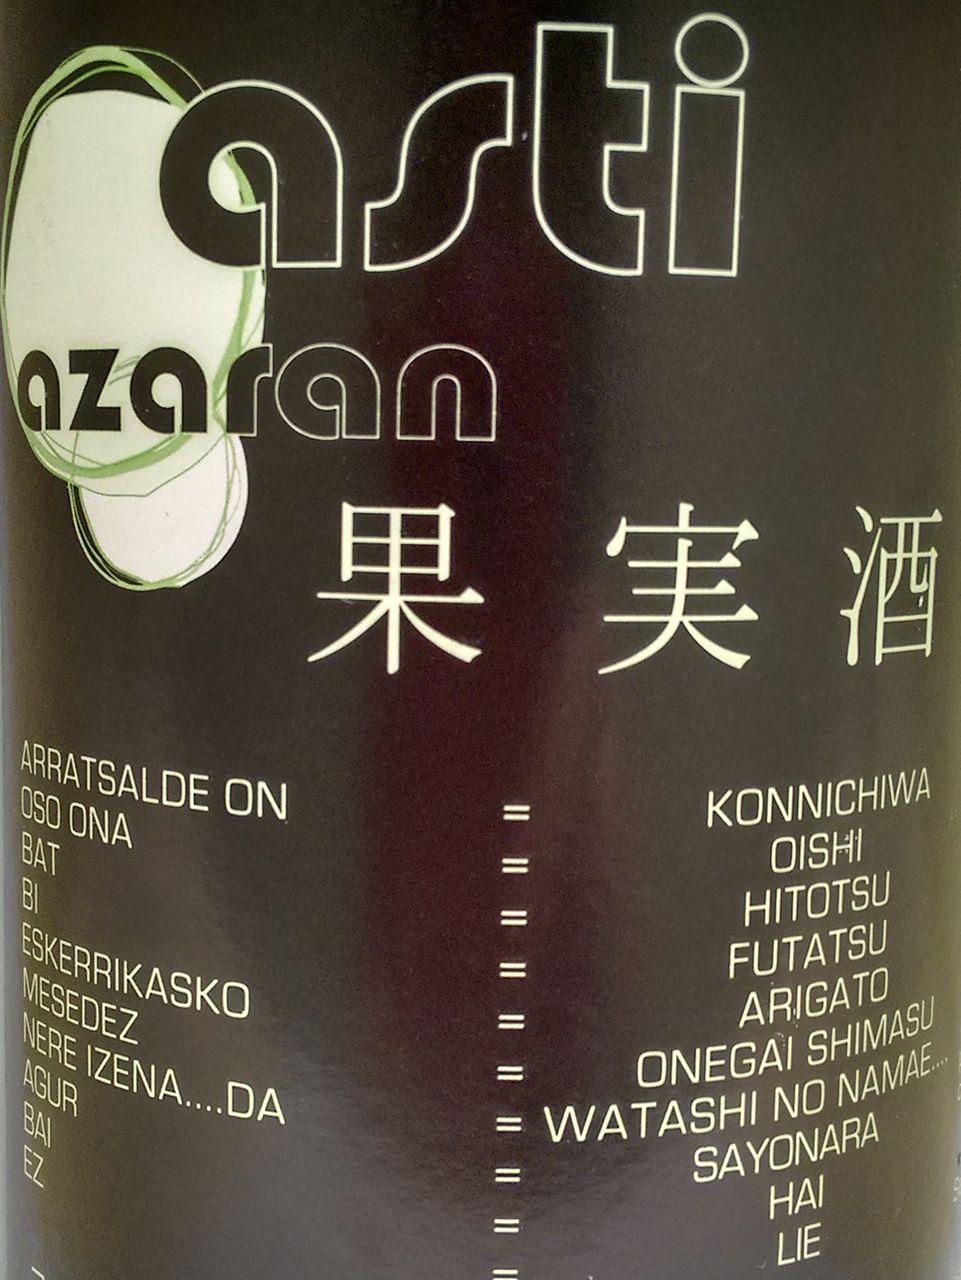 Etiqueta con textos en euskera y japonés de la sidra natural Astiazaran.